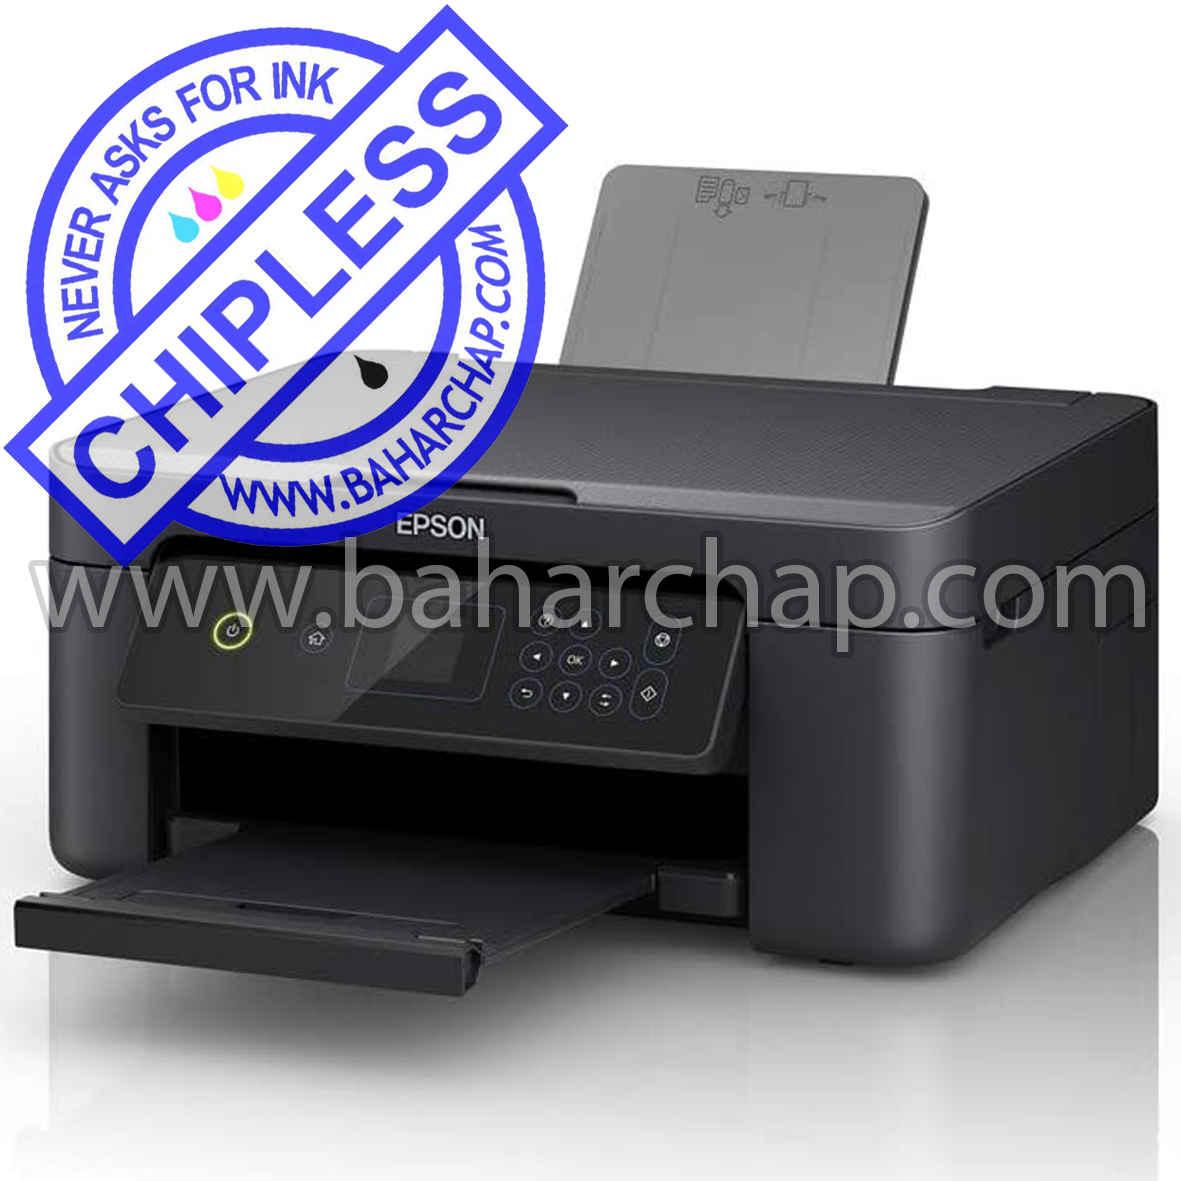 فروشگاه و خدمات اینترنتی بهارچاپ اصفهان-بدون چیپ کردن اپسون XP3105-epson XP3105 chipless firmware